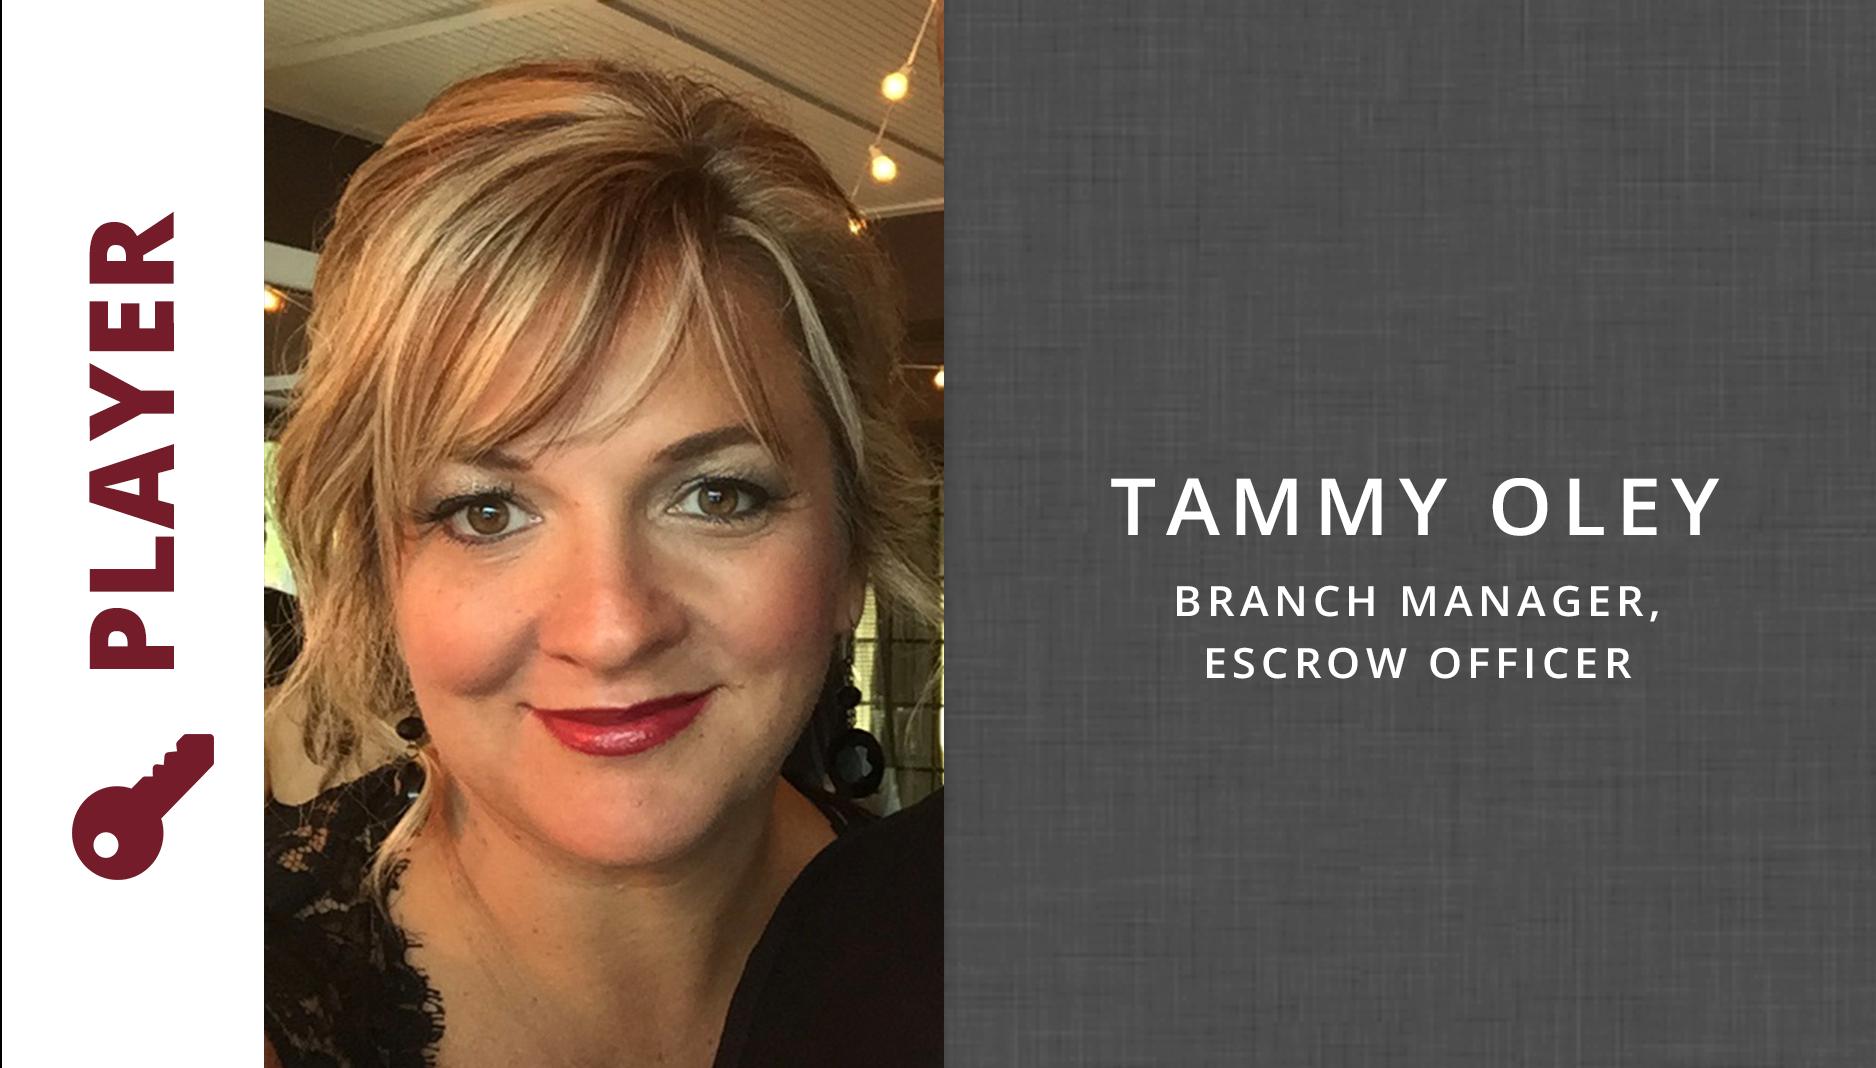 Tammy Oley